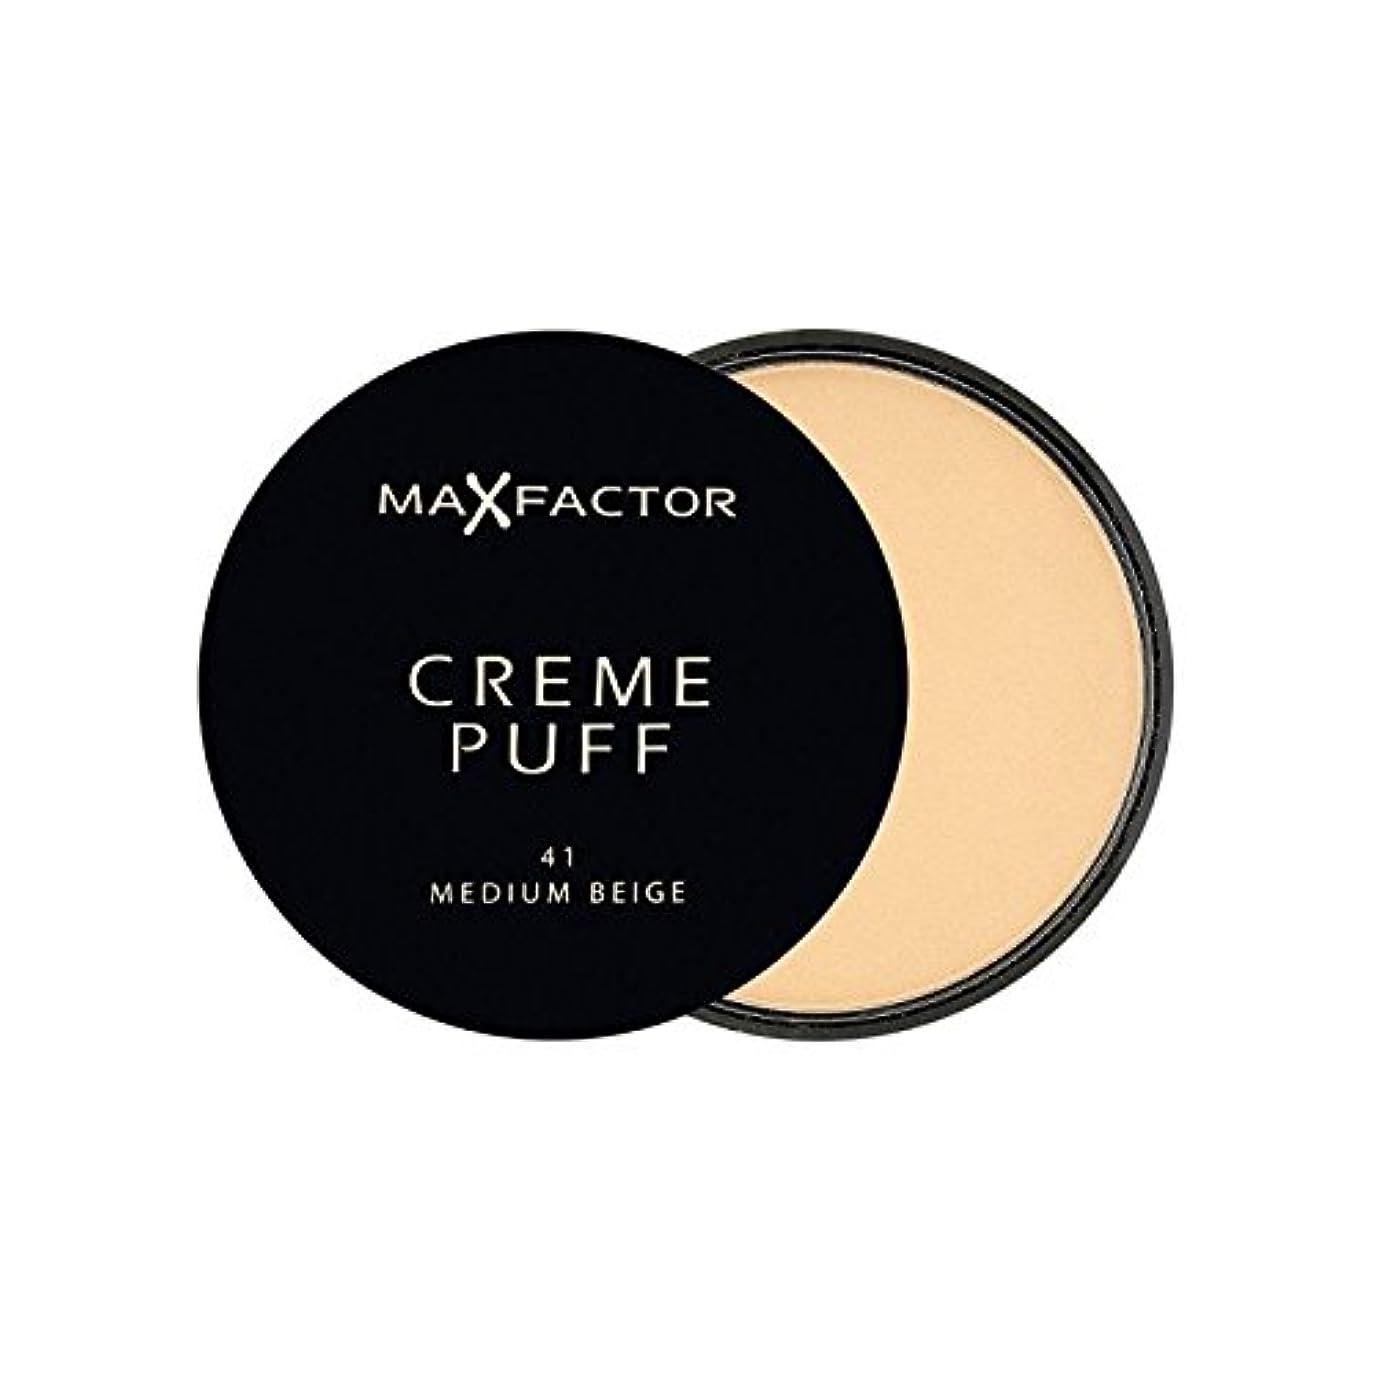 財産マオリメロディーMax Factor Creme Puff Powder Compact Medium Beige 41 - マックスファクタークリームパフ粉末コンパクト媒体ベージュ41 [並行輸入品]